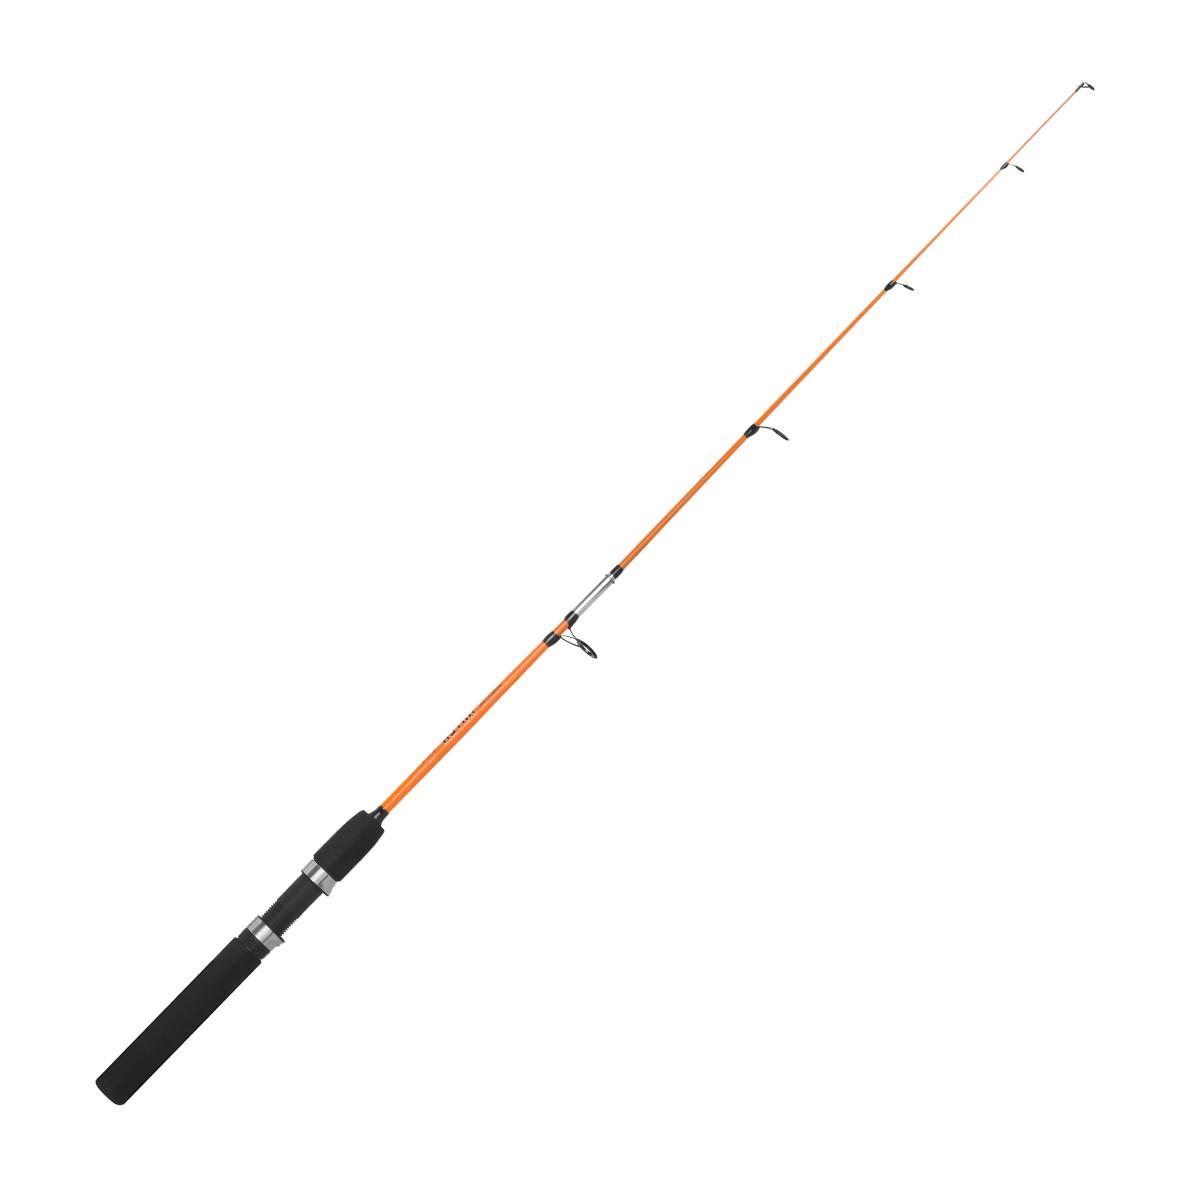 Vara Saint Astra p/ Molinete 1,35 m 17 lbs (Inteiriça)  - Pró Pesca Shop